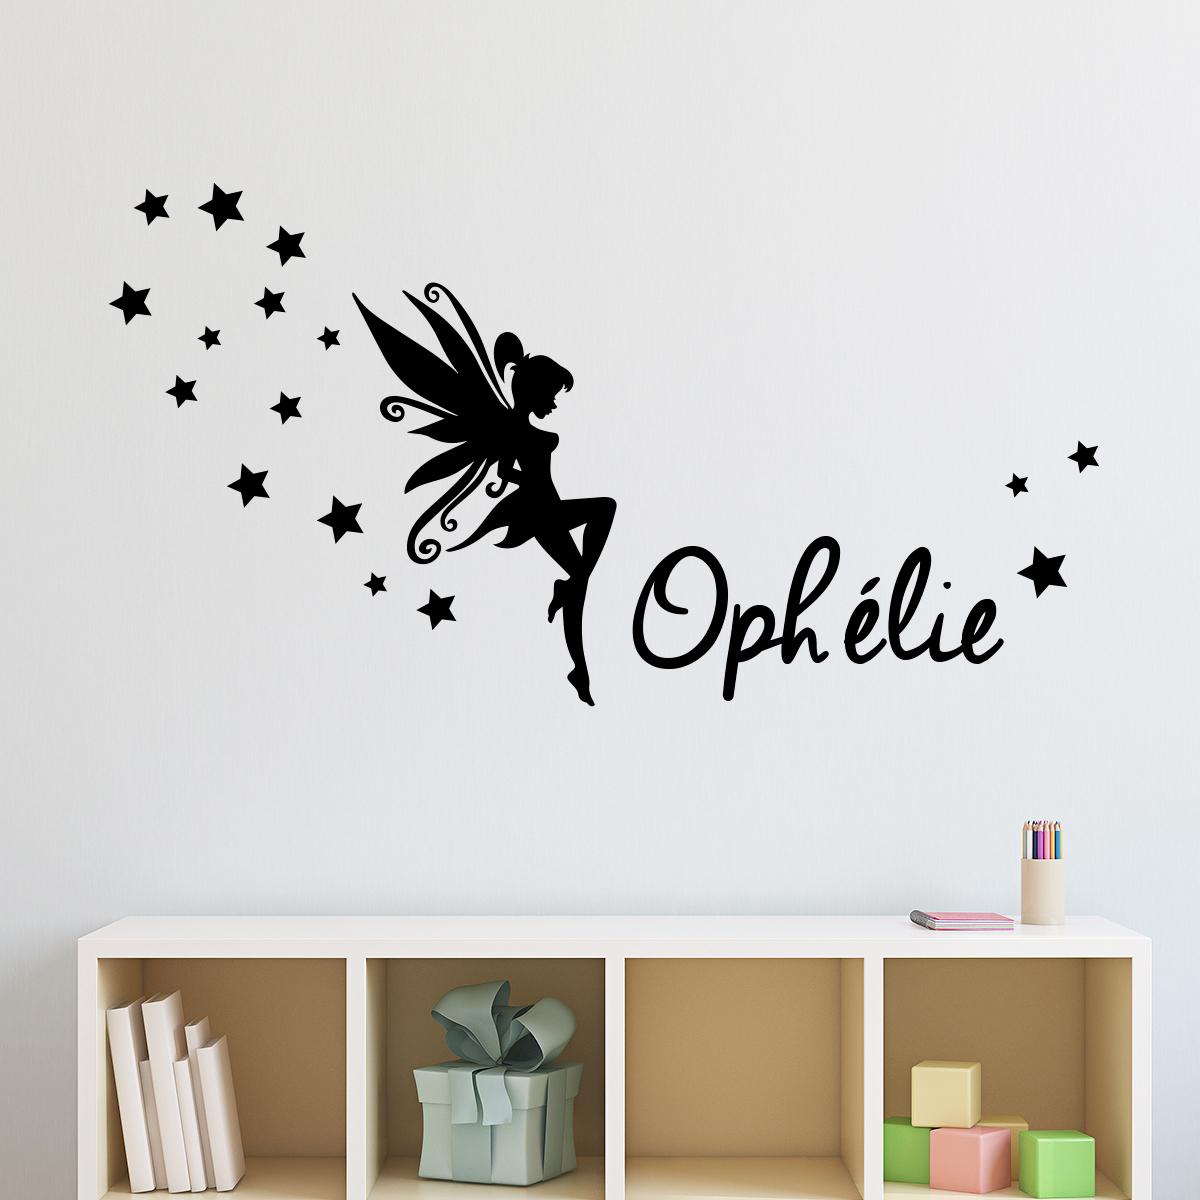 Papillons Autocollants Muraux Chambre à Coucher Art Papillon Autocollant stikers Nom Garçons Filles